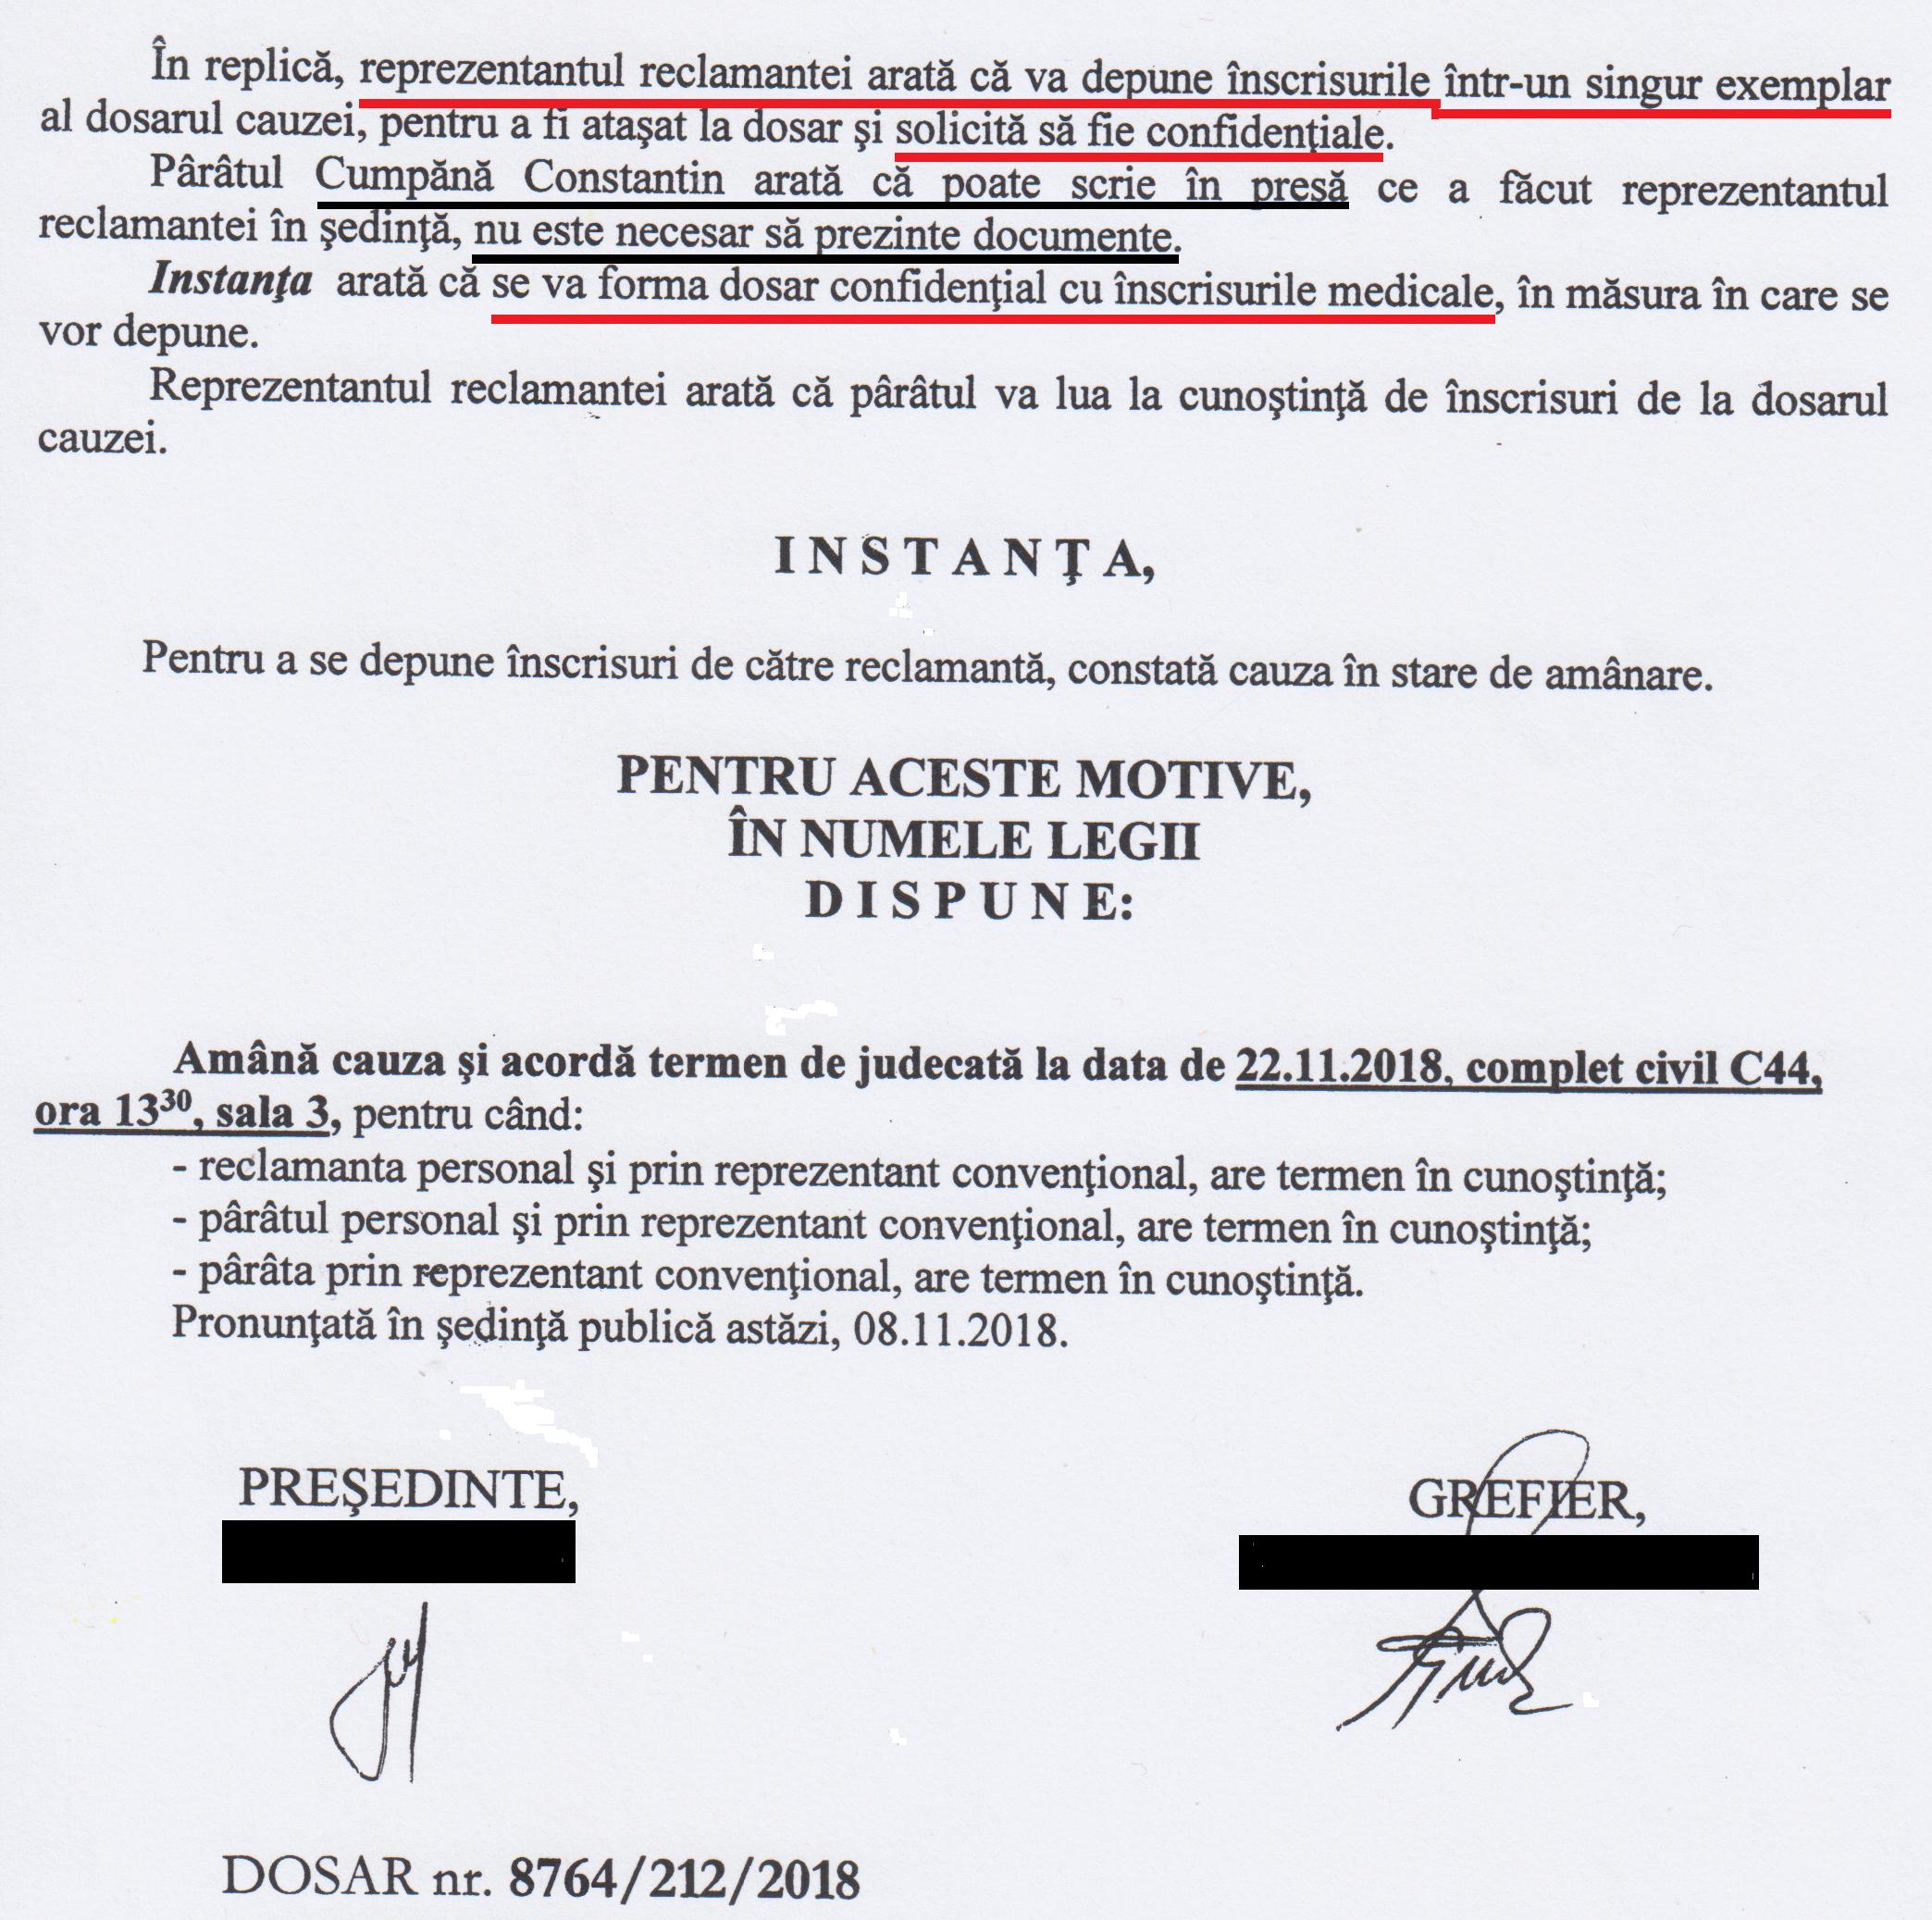 """În urma susținerilor martorei TUDORACHE MIHAELA, potrivit cărora articolele din REZISTENTA.ro i-au afectat starea fizică și emoționale a reclamantei, instanța a hotărât ca înscrisurile medicale să fie depuse într-un plic CONFIDENȚIAL. În cele din urmă s-a dovedit că niciunul dintre înscrisurile cuprinse în plicul """"Confidențial"""" din dosarul cauzei nu probează în vreun fel nici afirmațiile martorei și, implicit, nici starea pretinsă de reclamantă."""